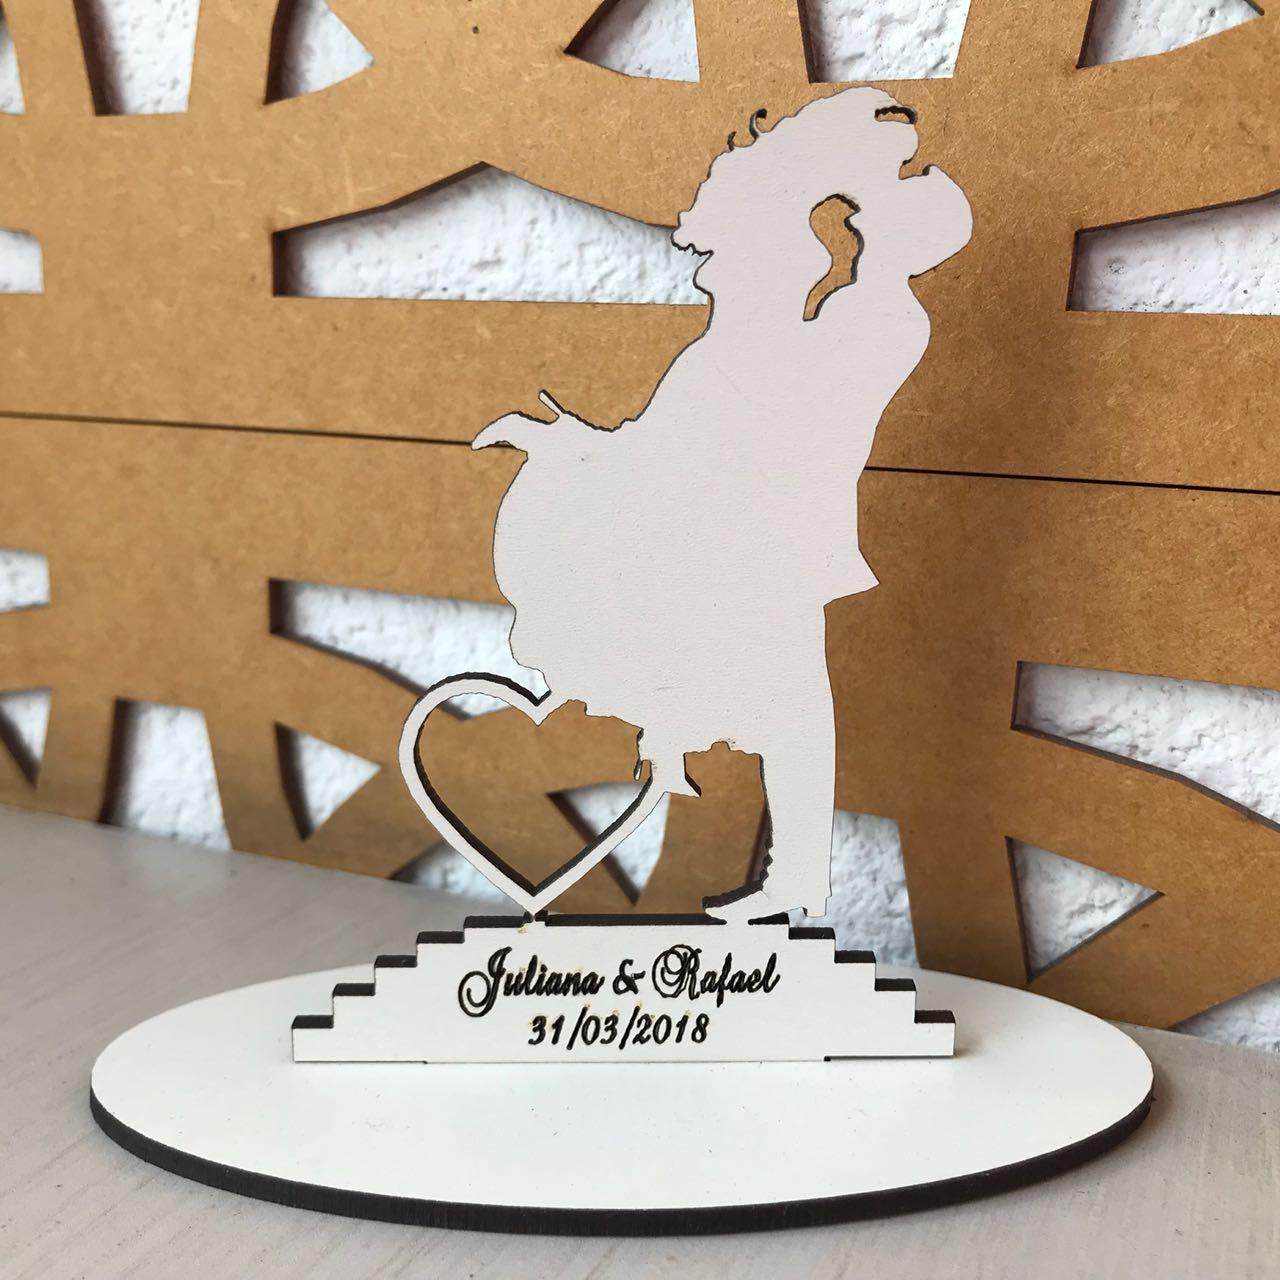 Ref. 015 - Topo de Bolo MDF Branco Coração Alianças Noivos Casamento 15cm